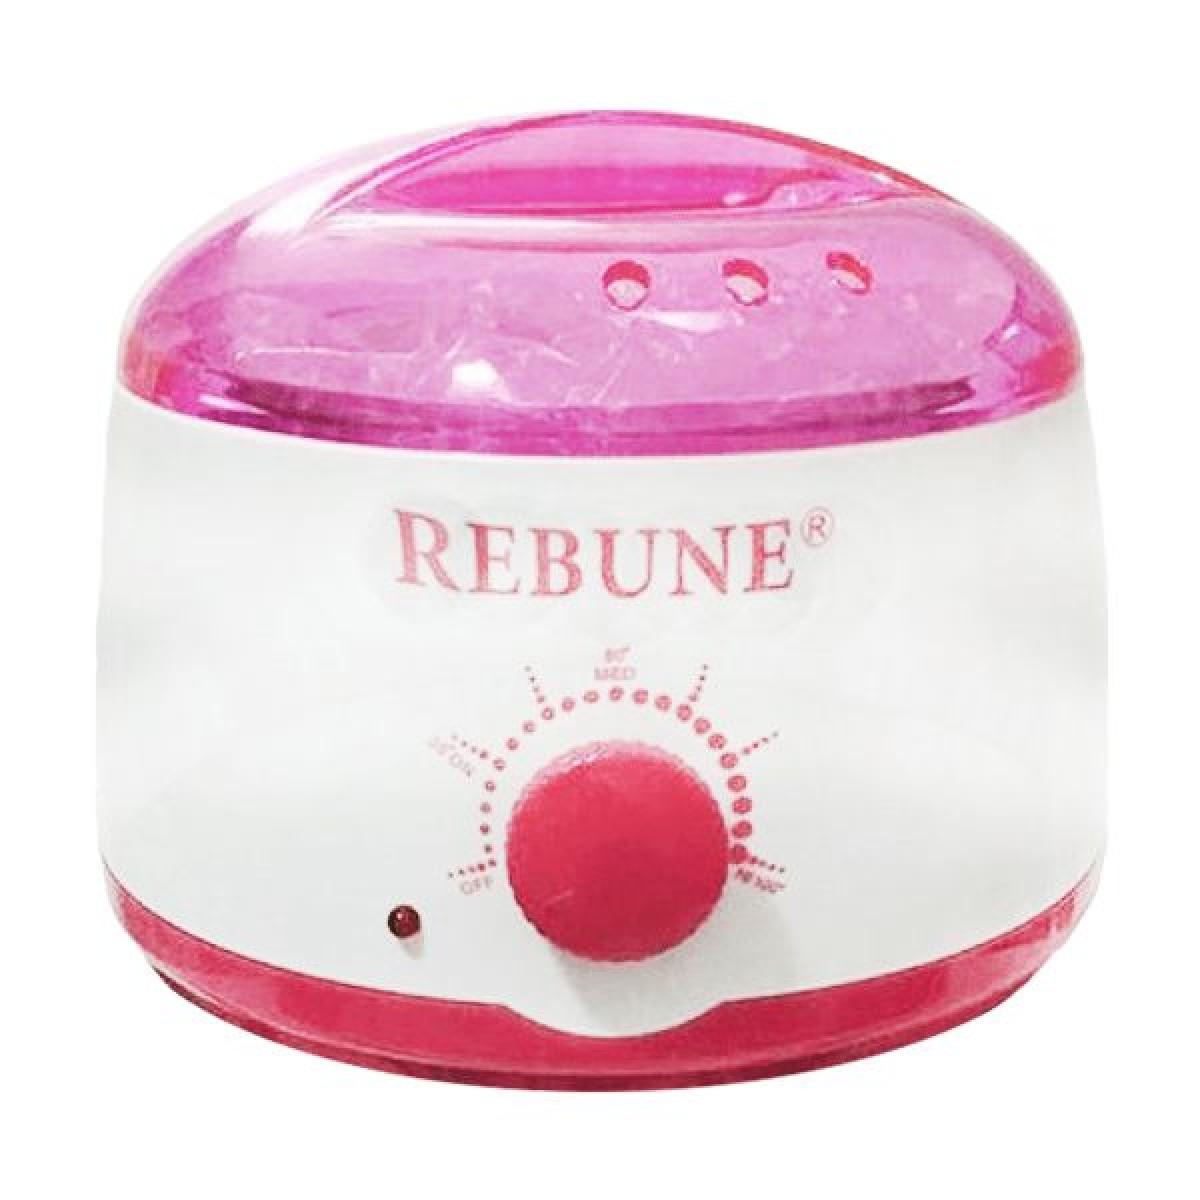 جهاز تسخين وإذابة الشمع لإزالة الشعر ريبون موديل RWH 012